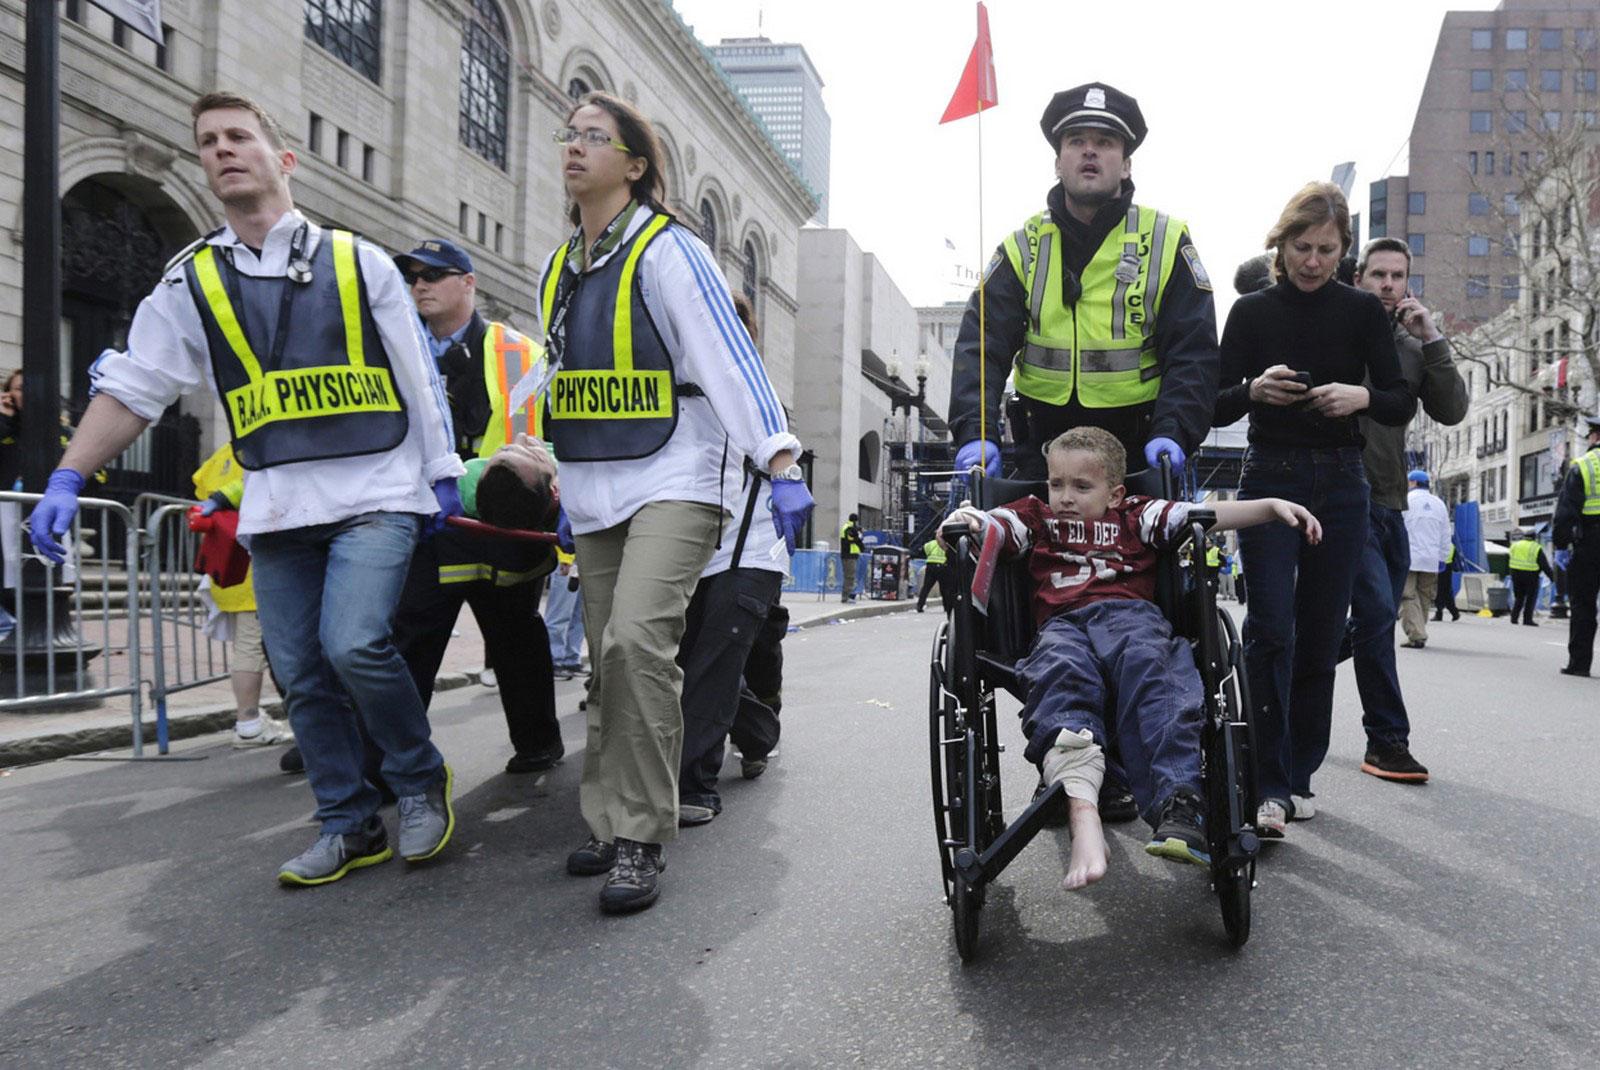 врачи везут раненого ребенка на носилках